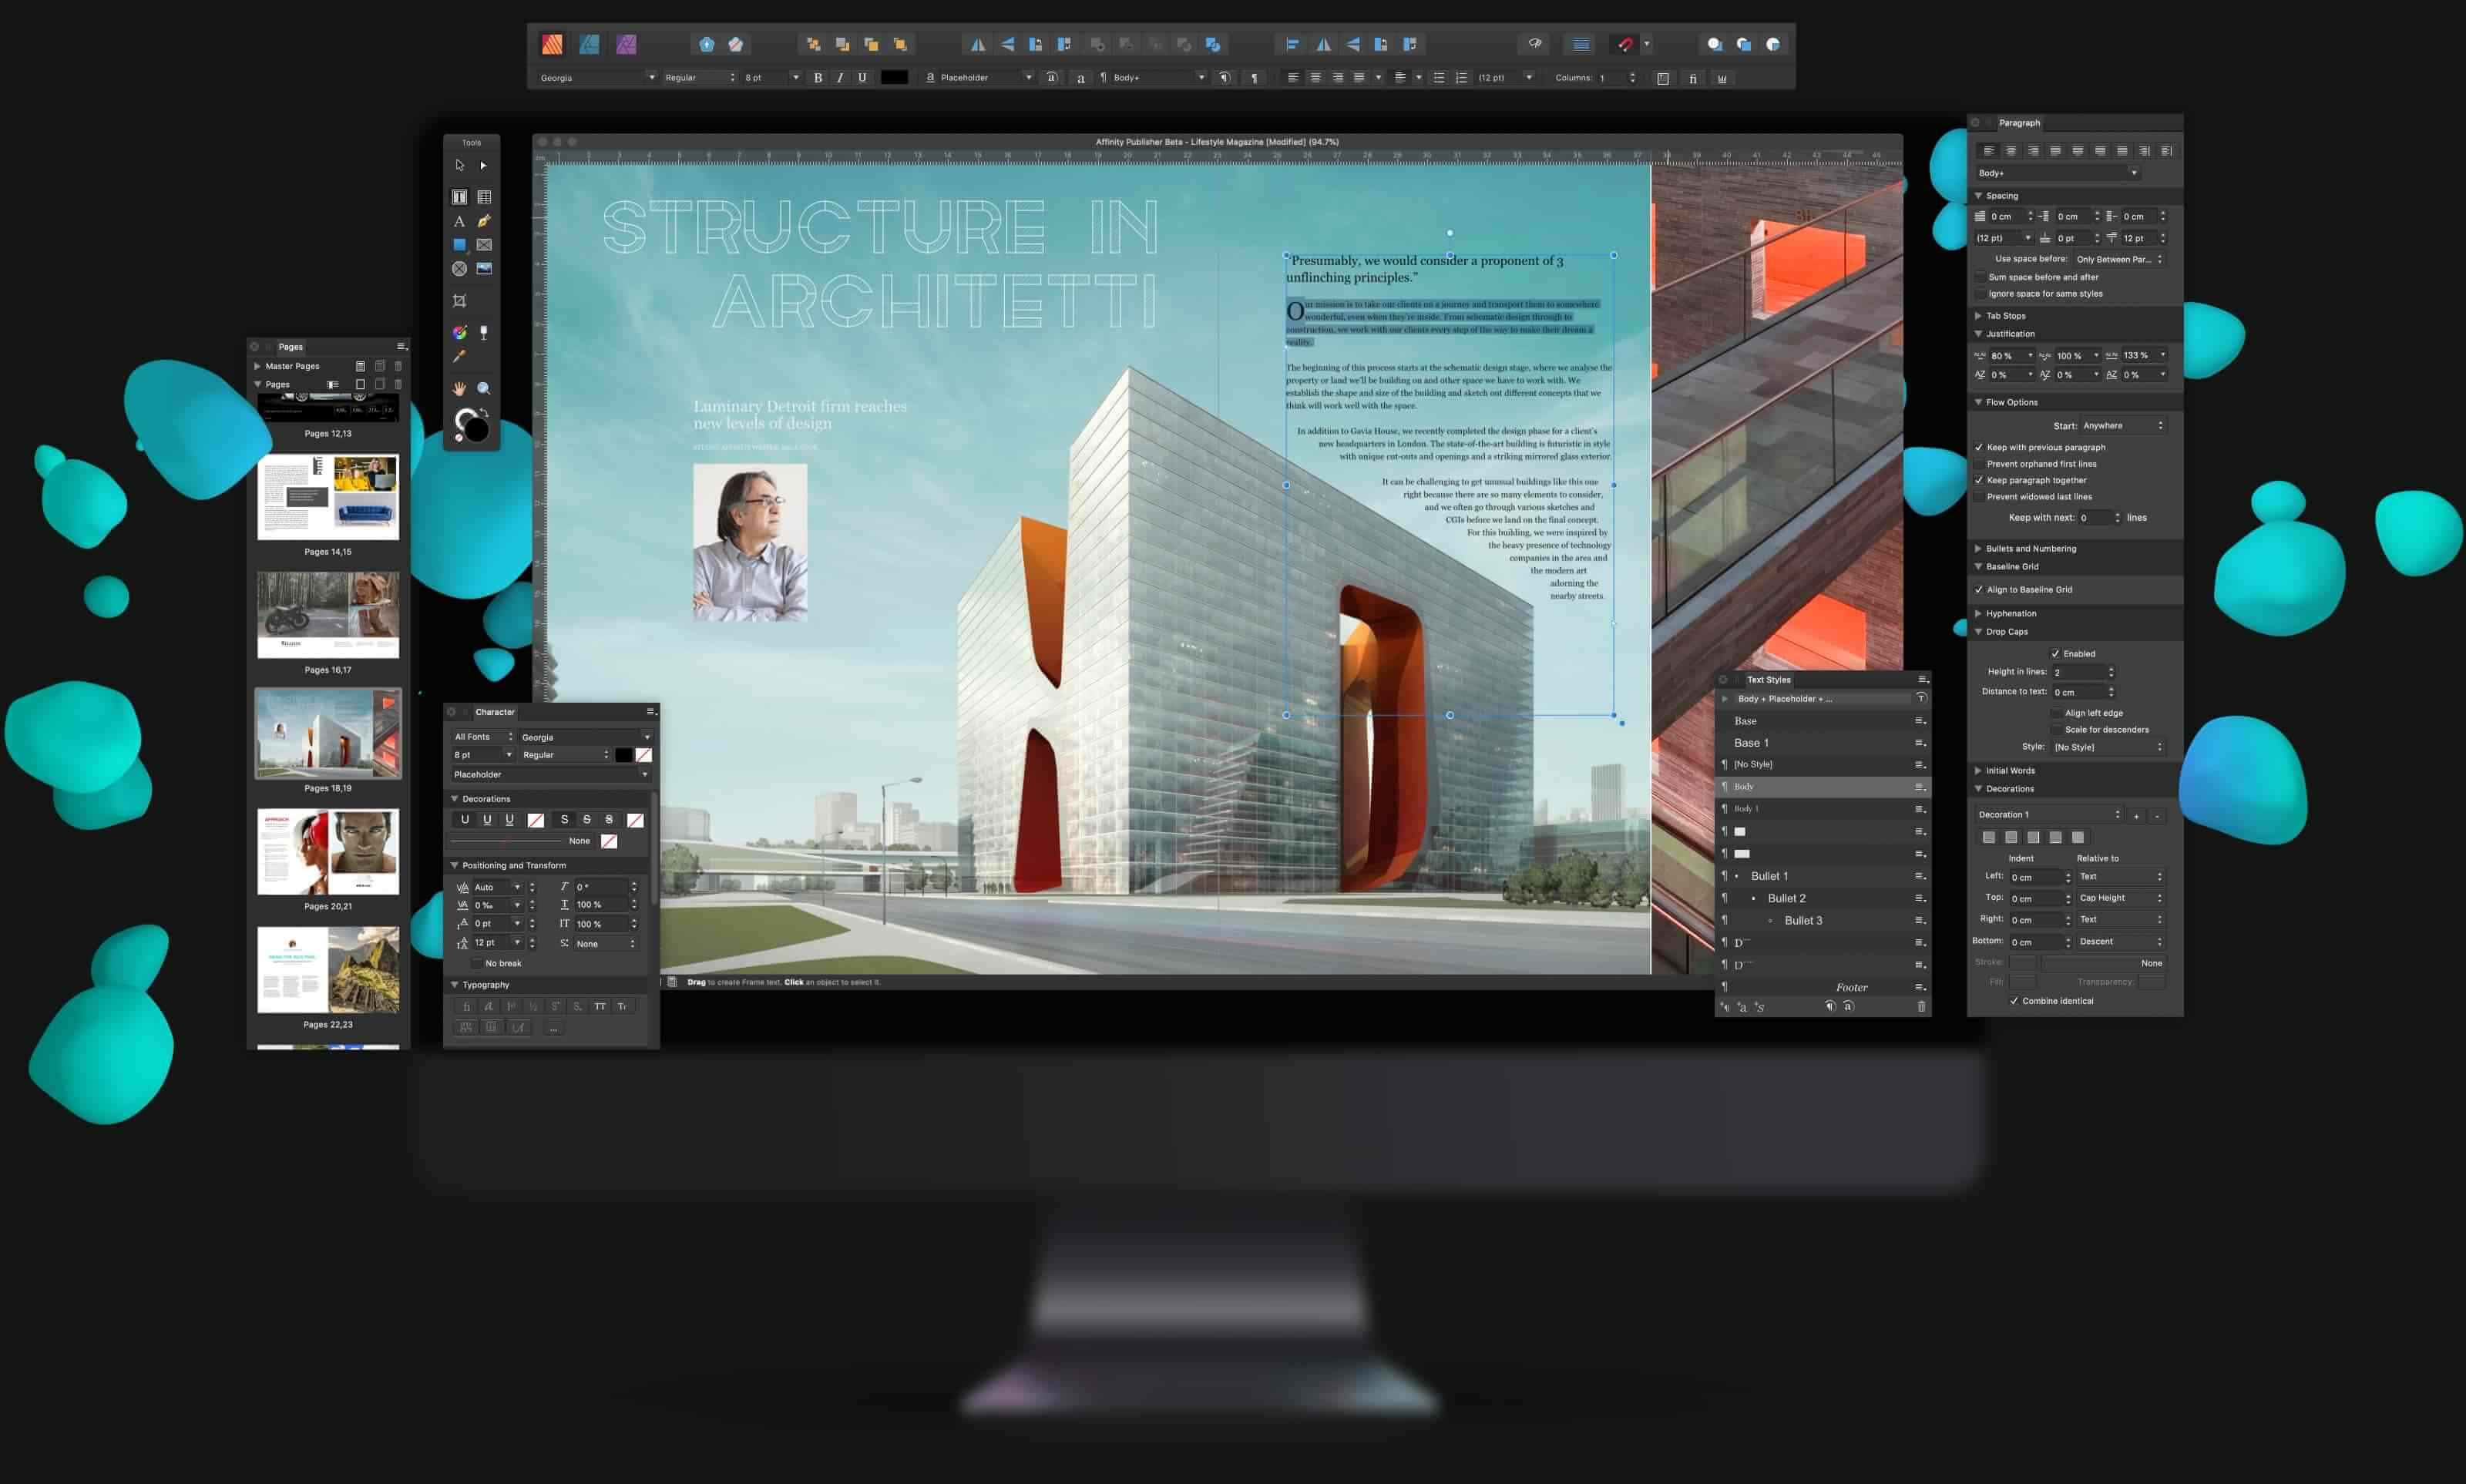 Affinity Publisher V1.9.1 MAC @ V1.8.0.535 WIN — 新一代专业出版软件 (全网首发)